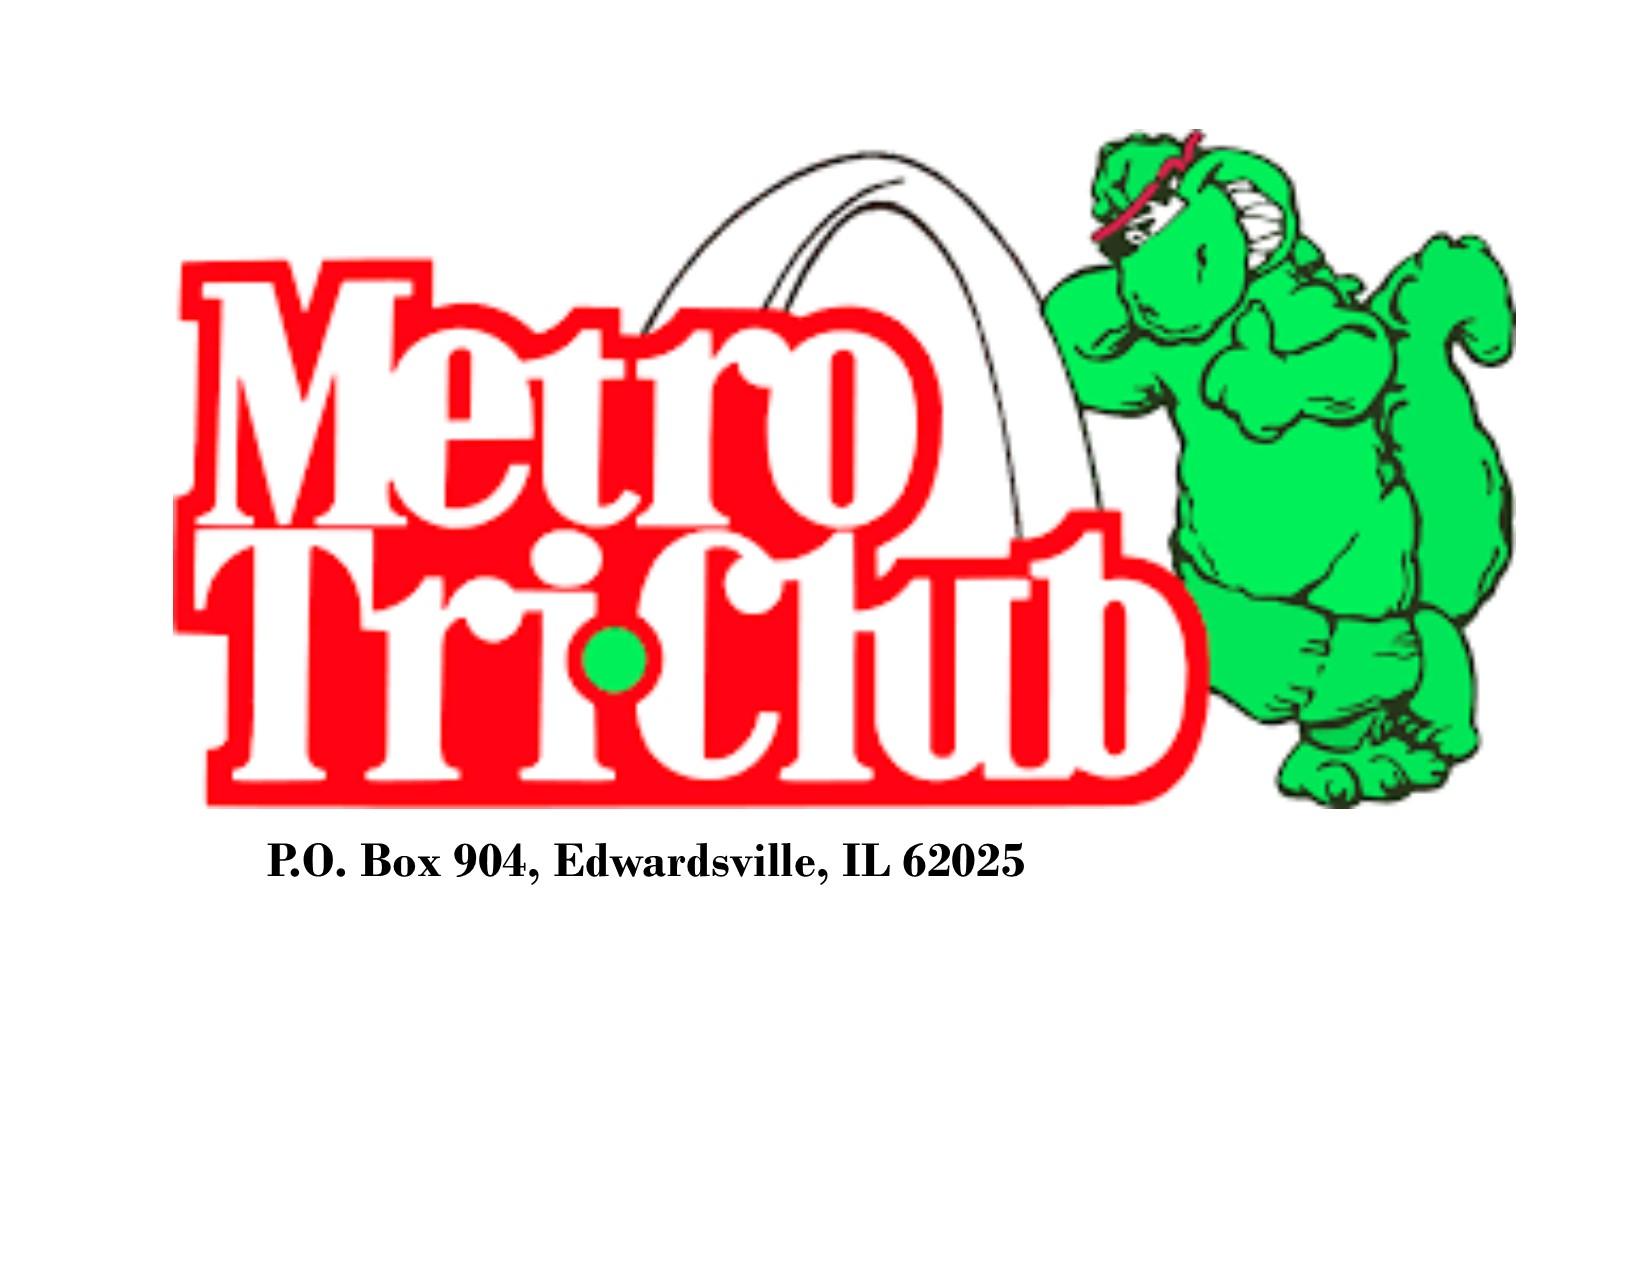 Metro Tri Club